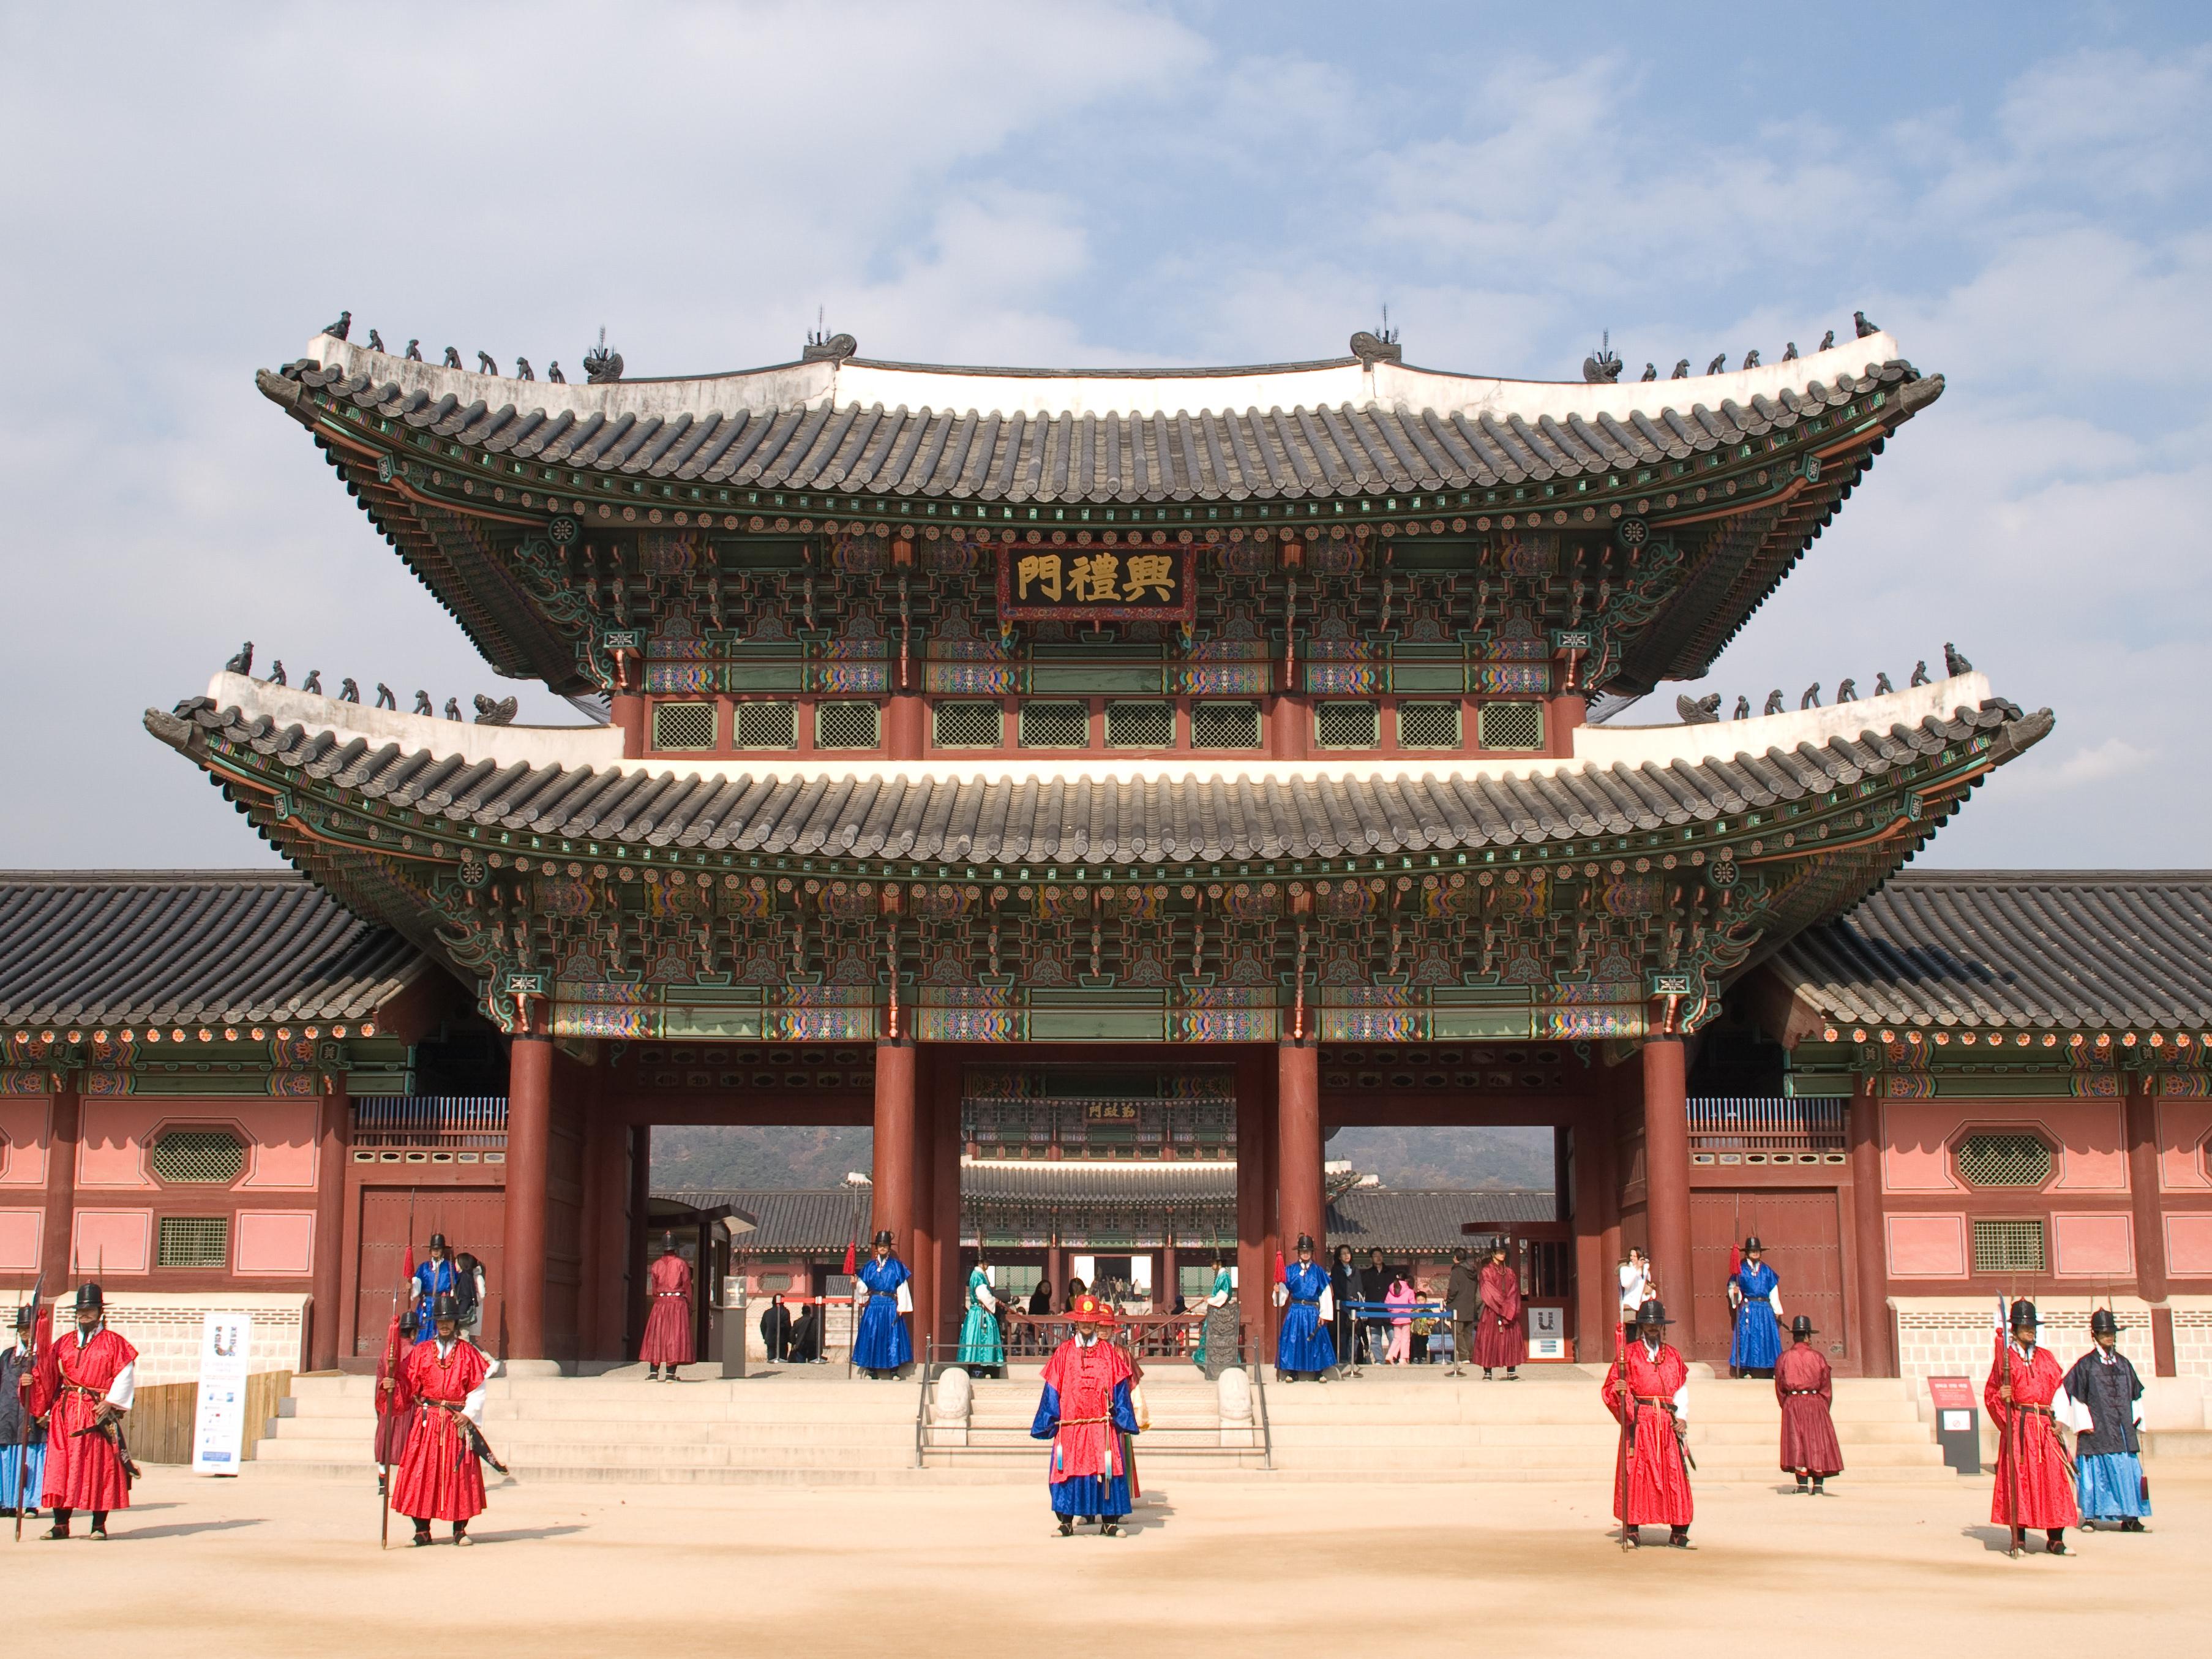 Cung điện cảnh phúc cung - du lịch Hàn Quốc